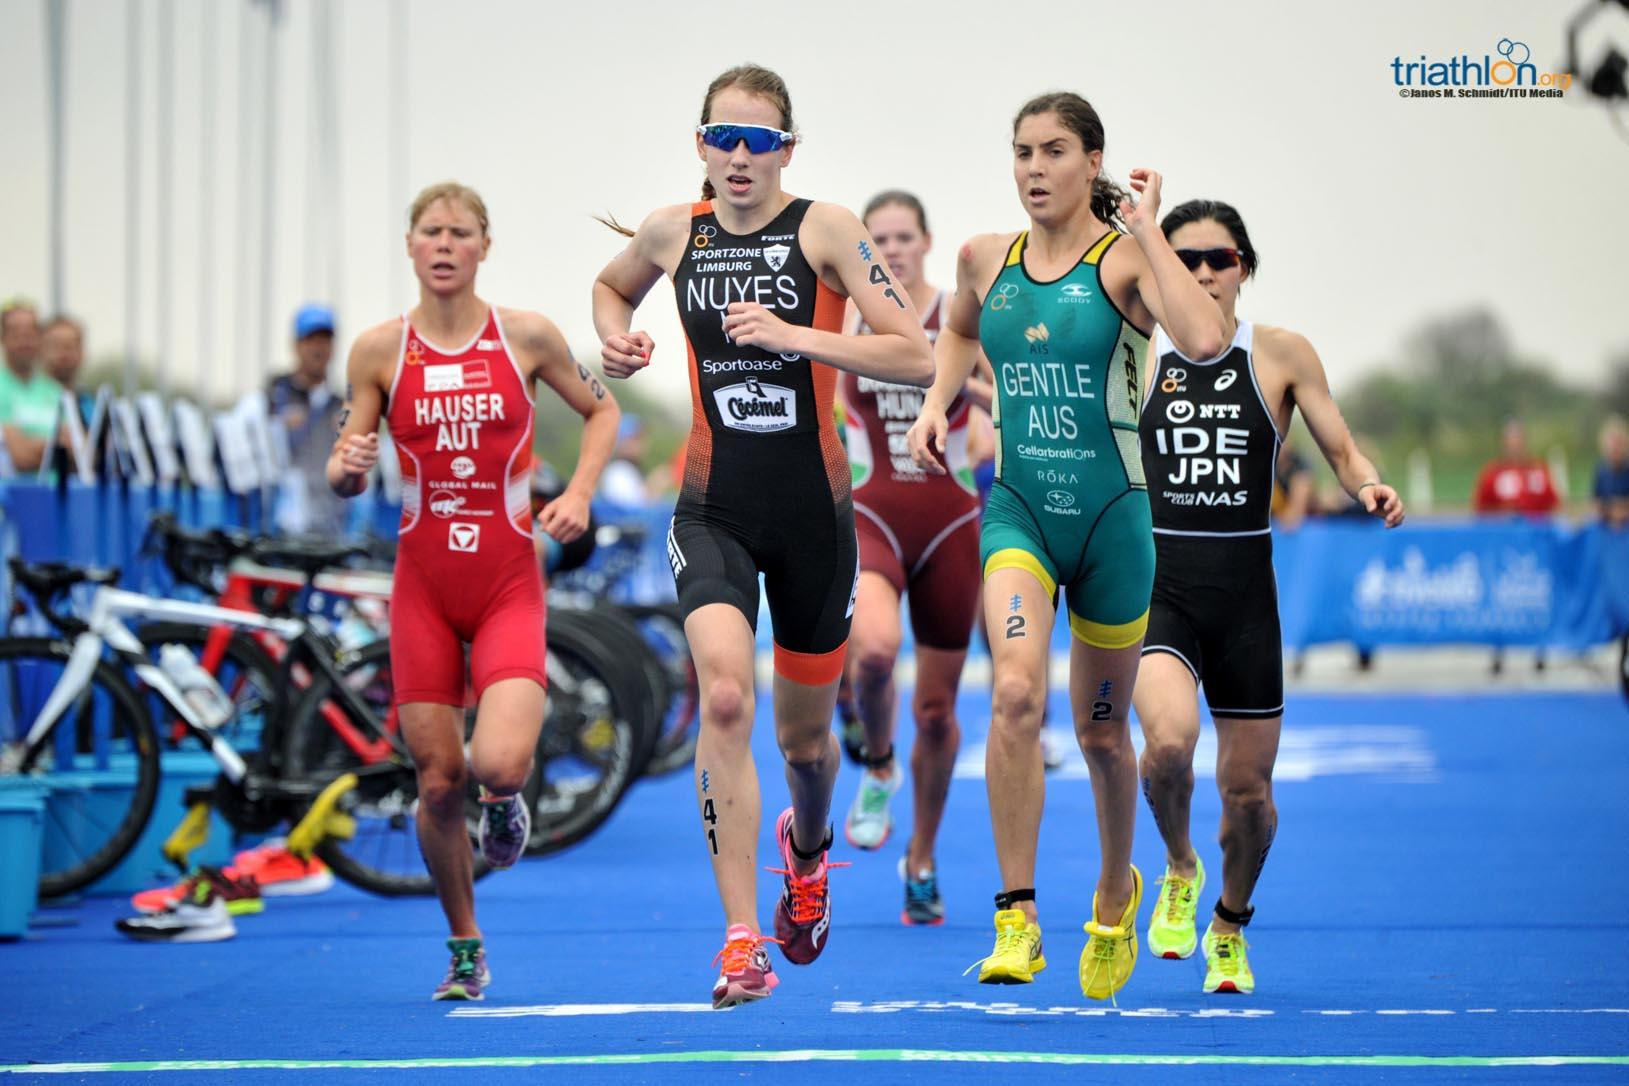 Kirsten Nuyes run Abu Dhabi